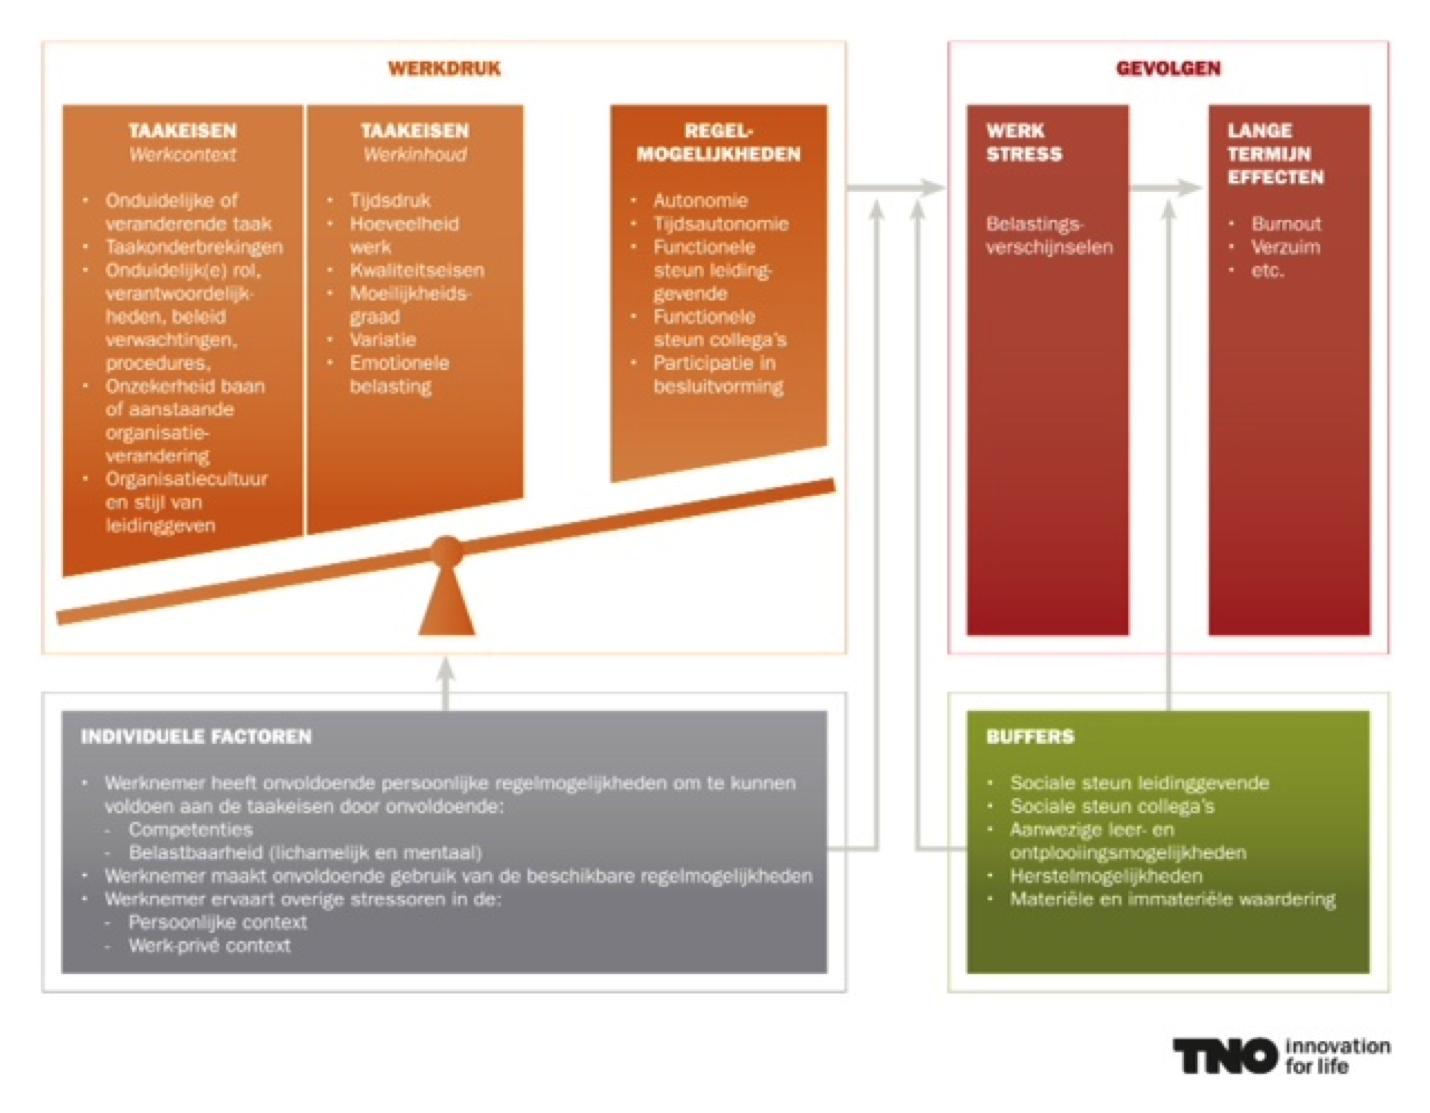 TNO werkldrukmodel